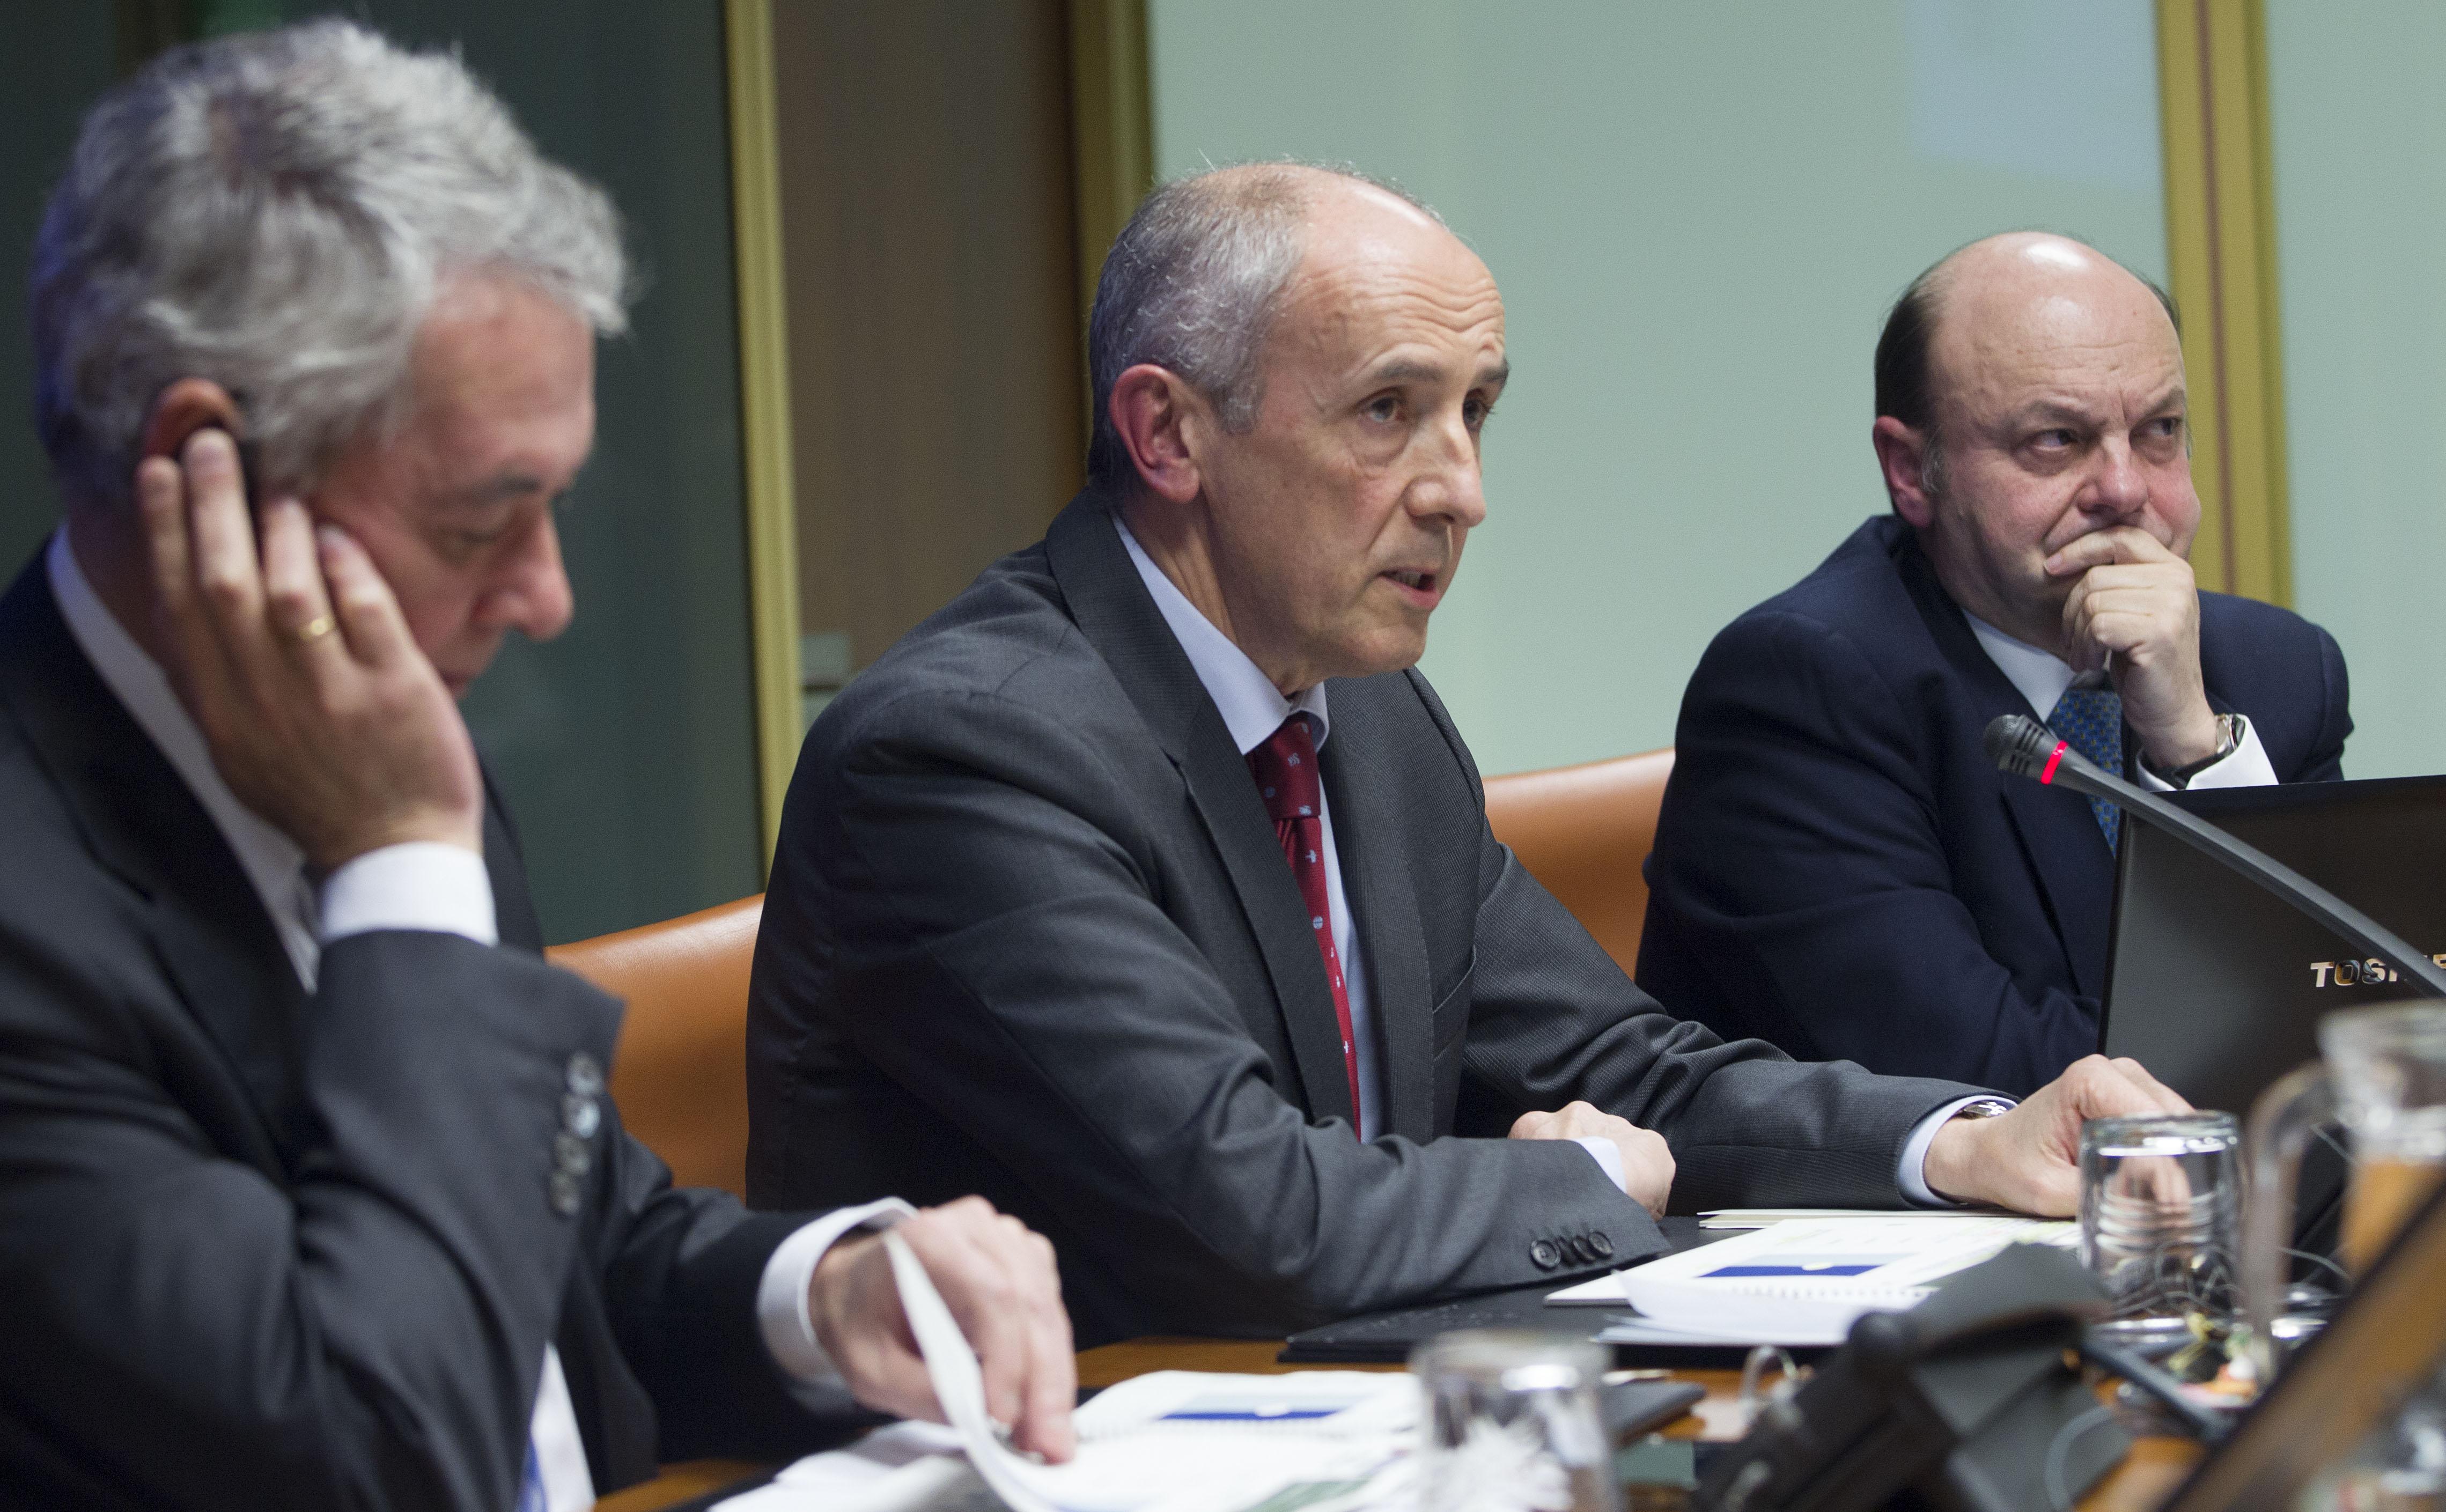 presupuestos_gobernanza_03.jpg